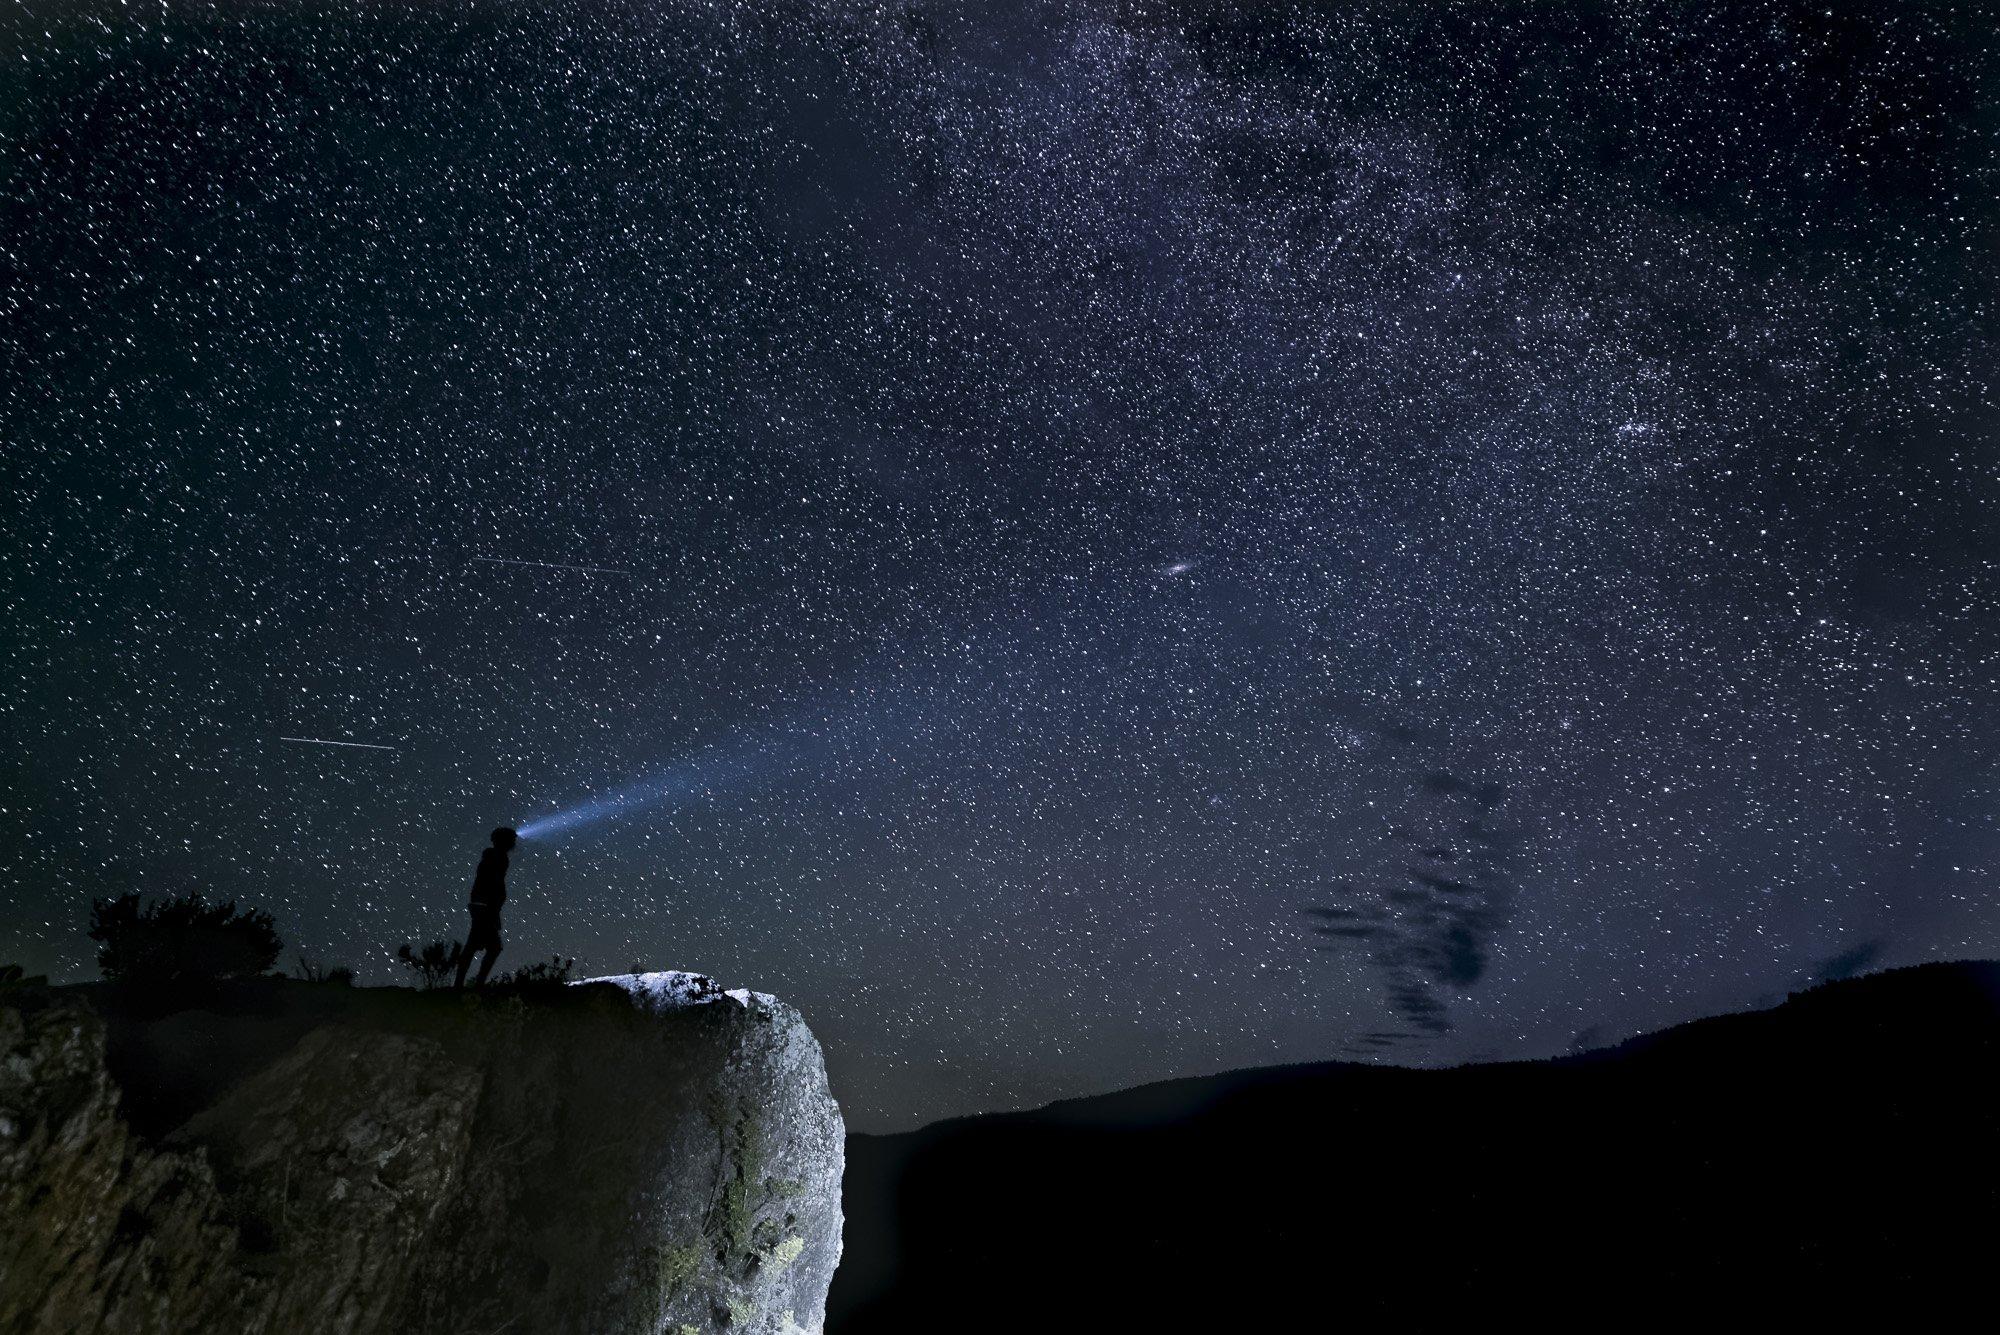 пейзаж,млечный путь,звезды,небо,ночное небо,природа,ночь,звездное небо, Дмитрий Старостенков